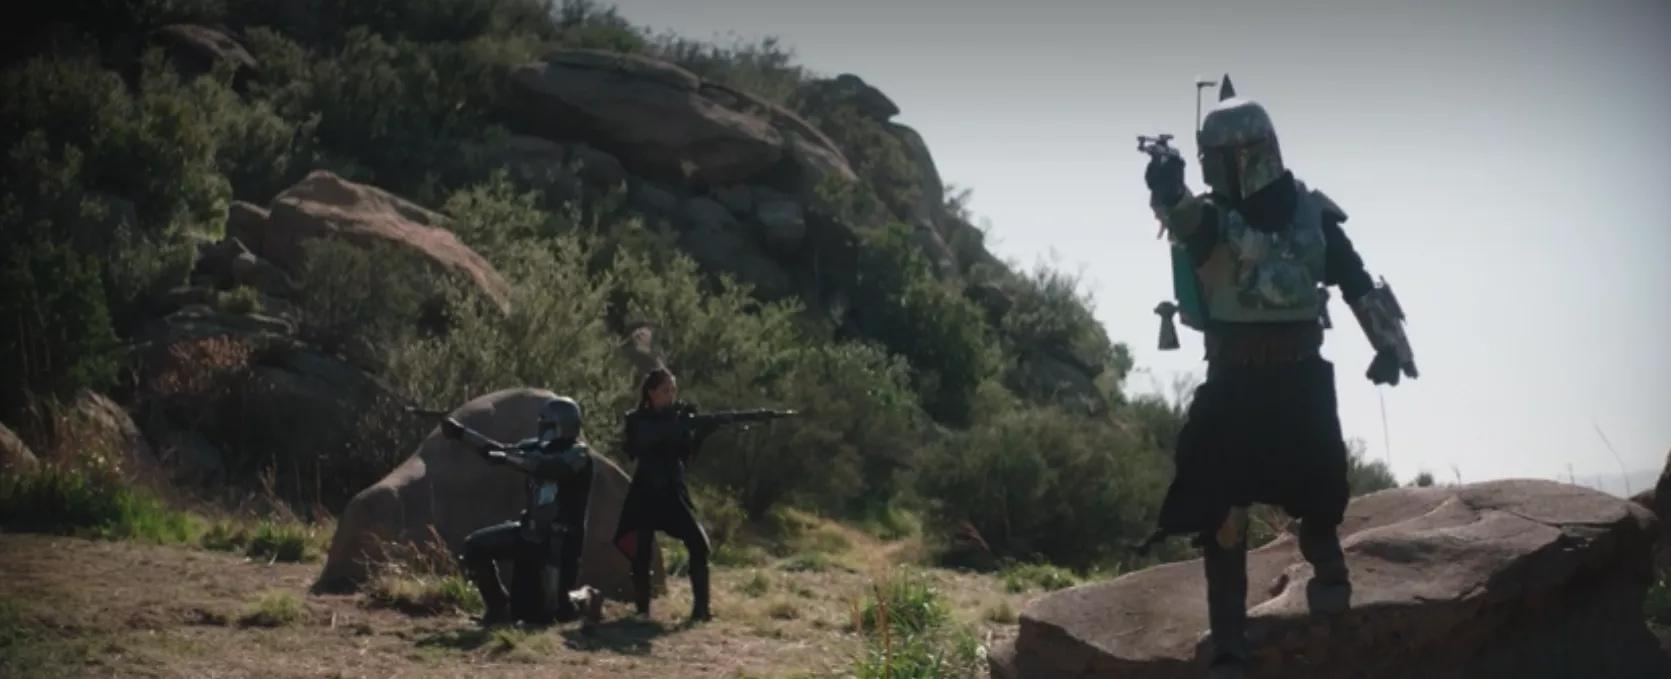 6 эпизод 2 сезона «Мандалорец» показал то, что ждали фанаты «Звездных войн»